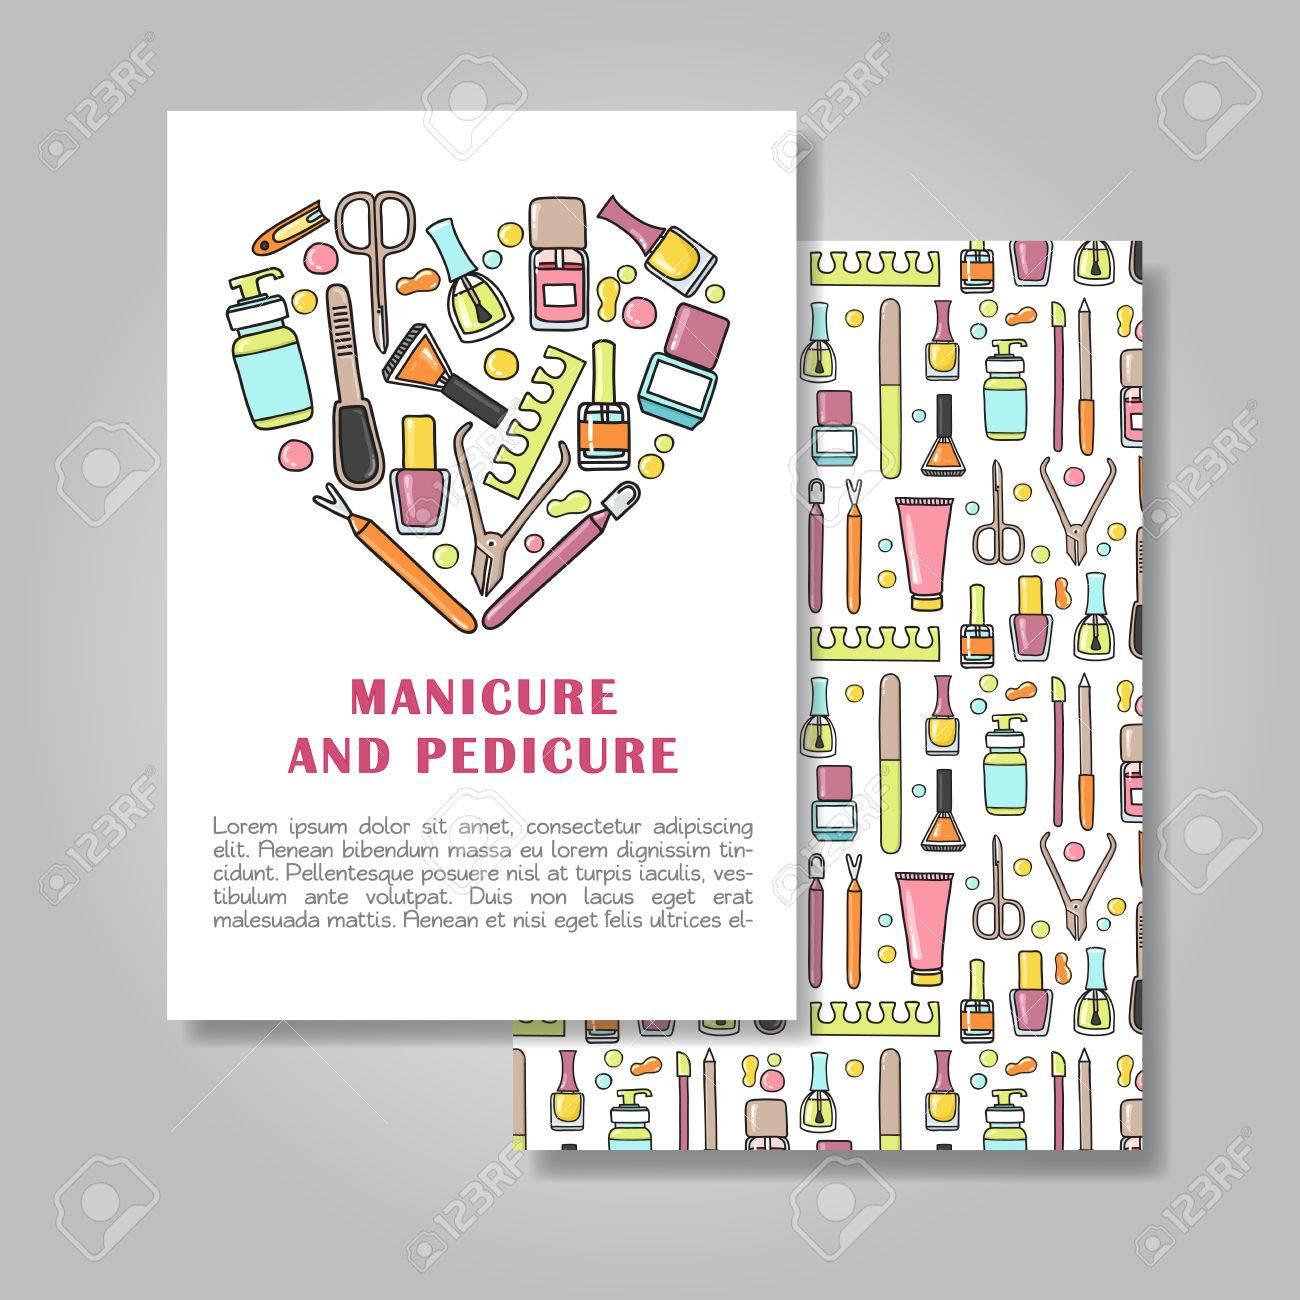 マニキュア、ペディキュアのイラスト背景と招待カード デザインの 2